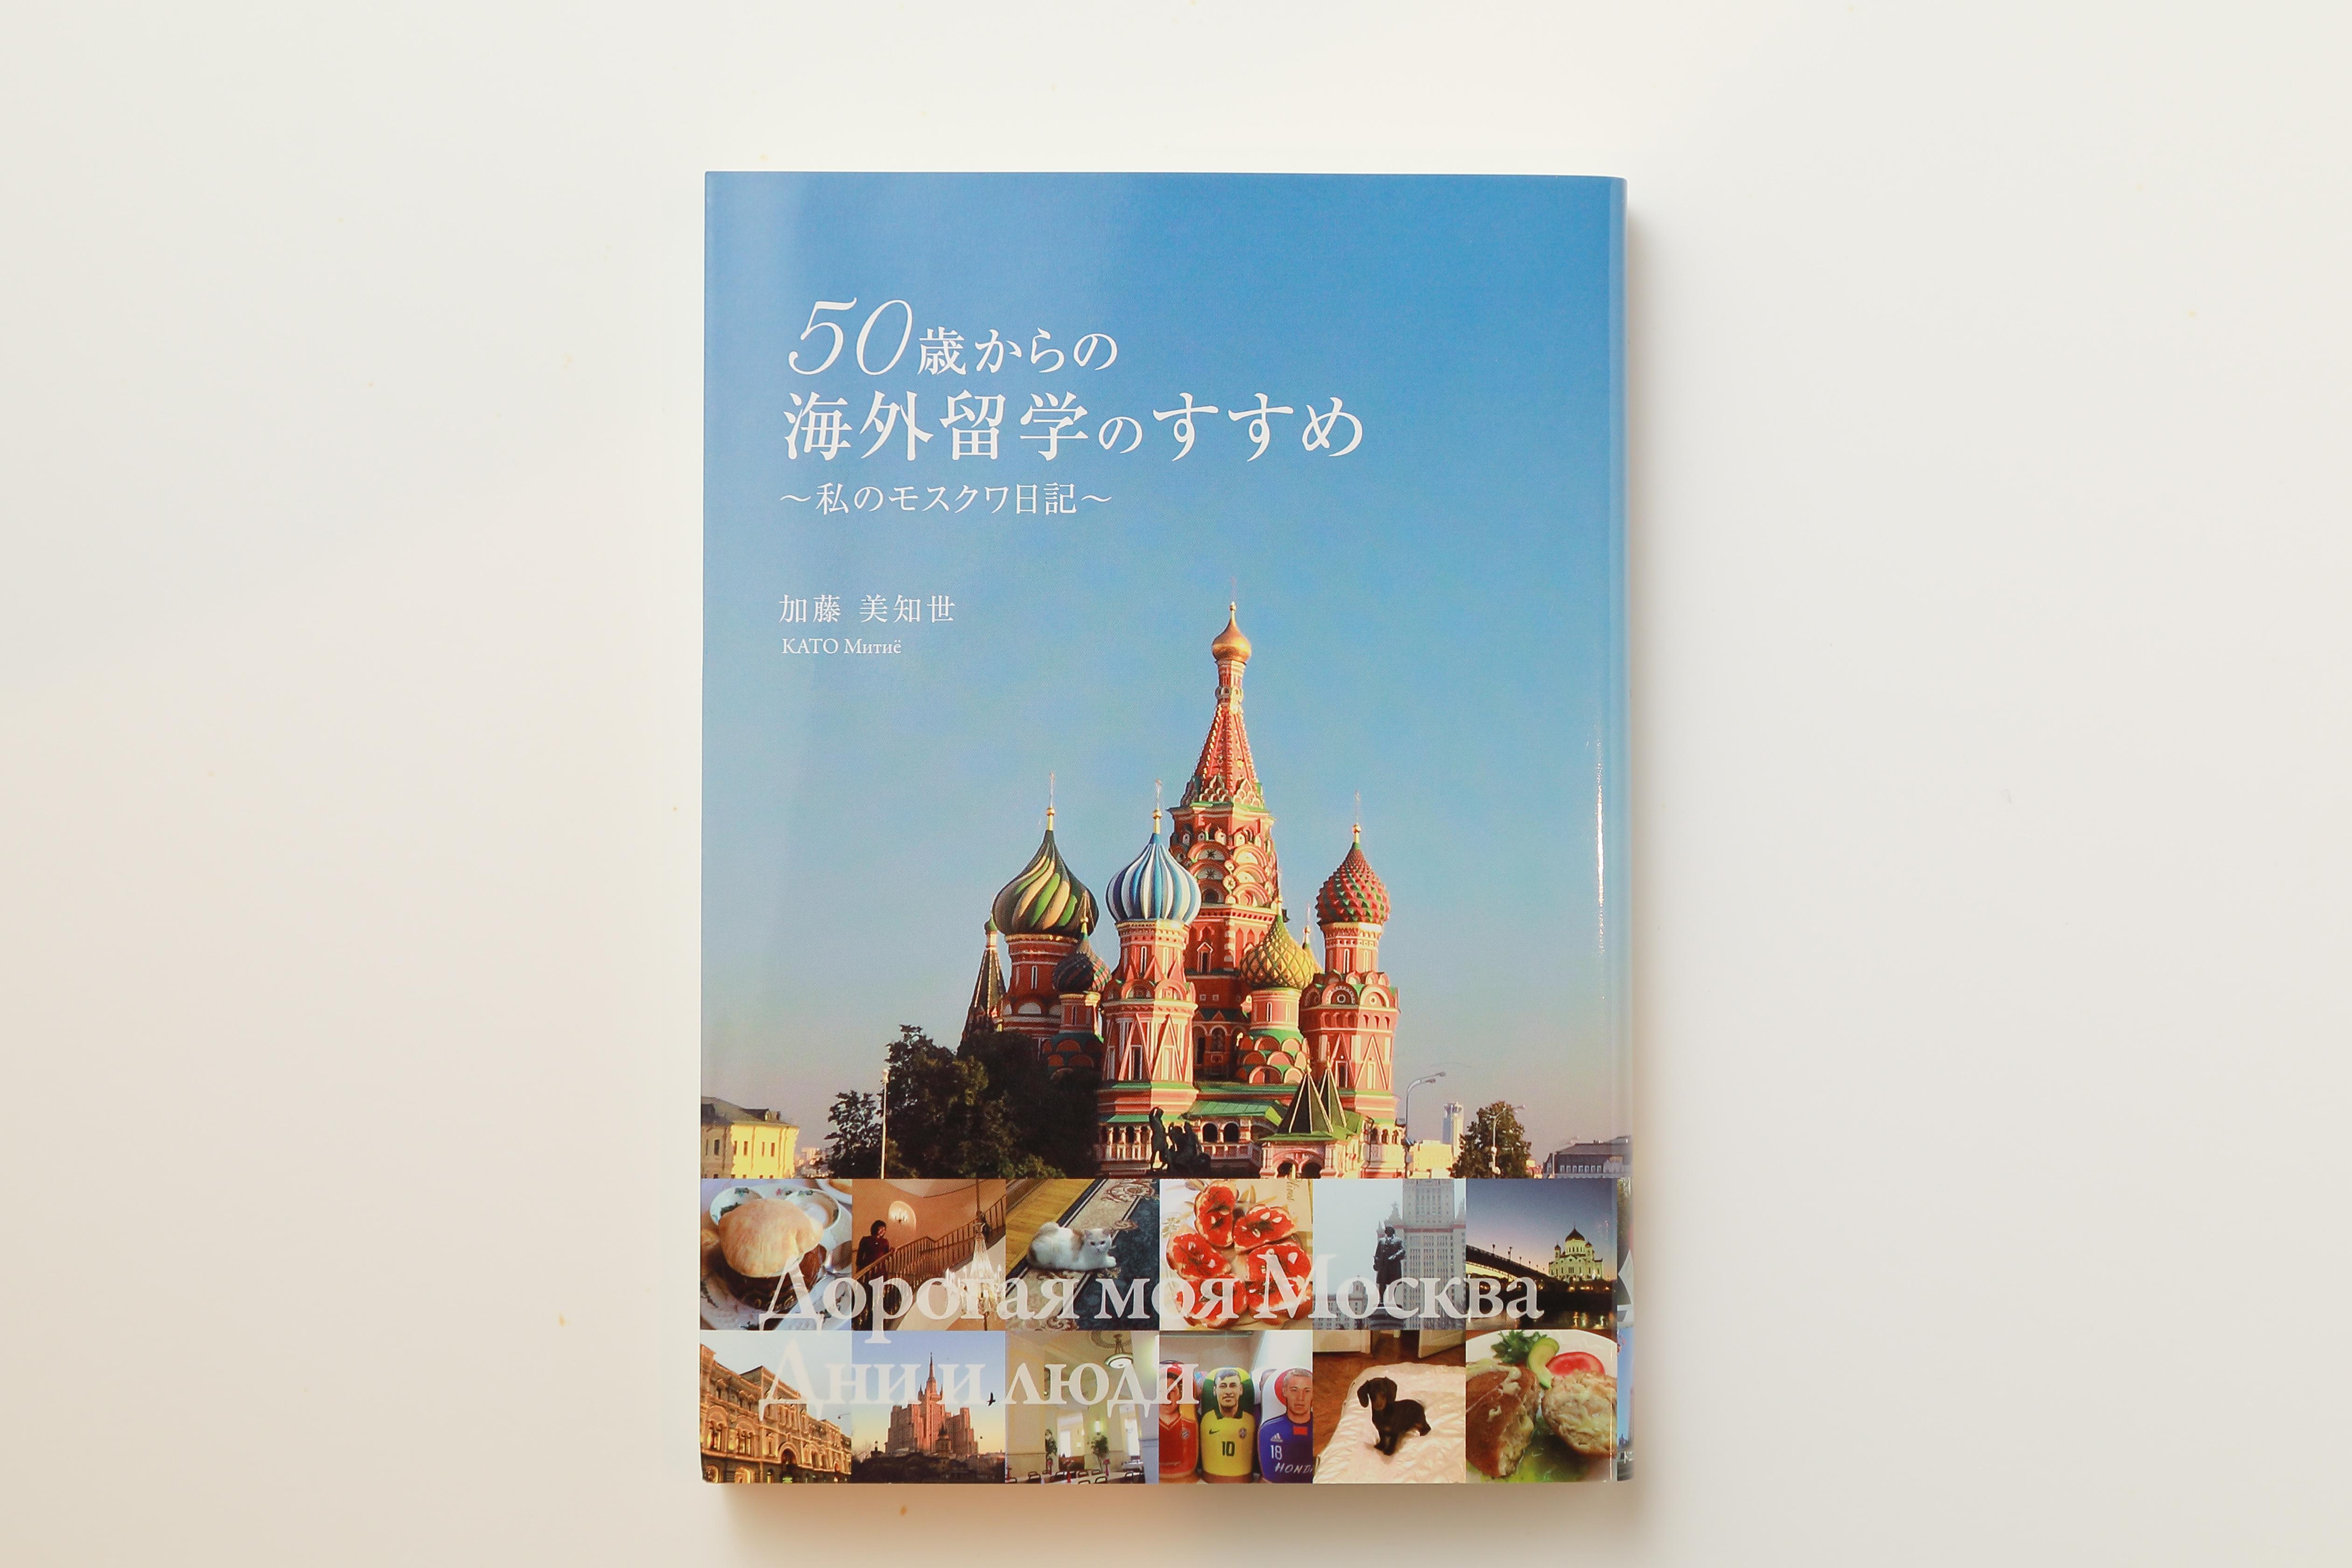 50歳からの海外留学のすすめ〜私のモスクワ日記〜(ドニエプル出版)   加藤美知世著